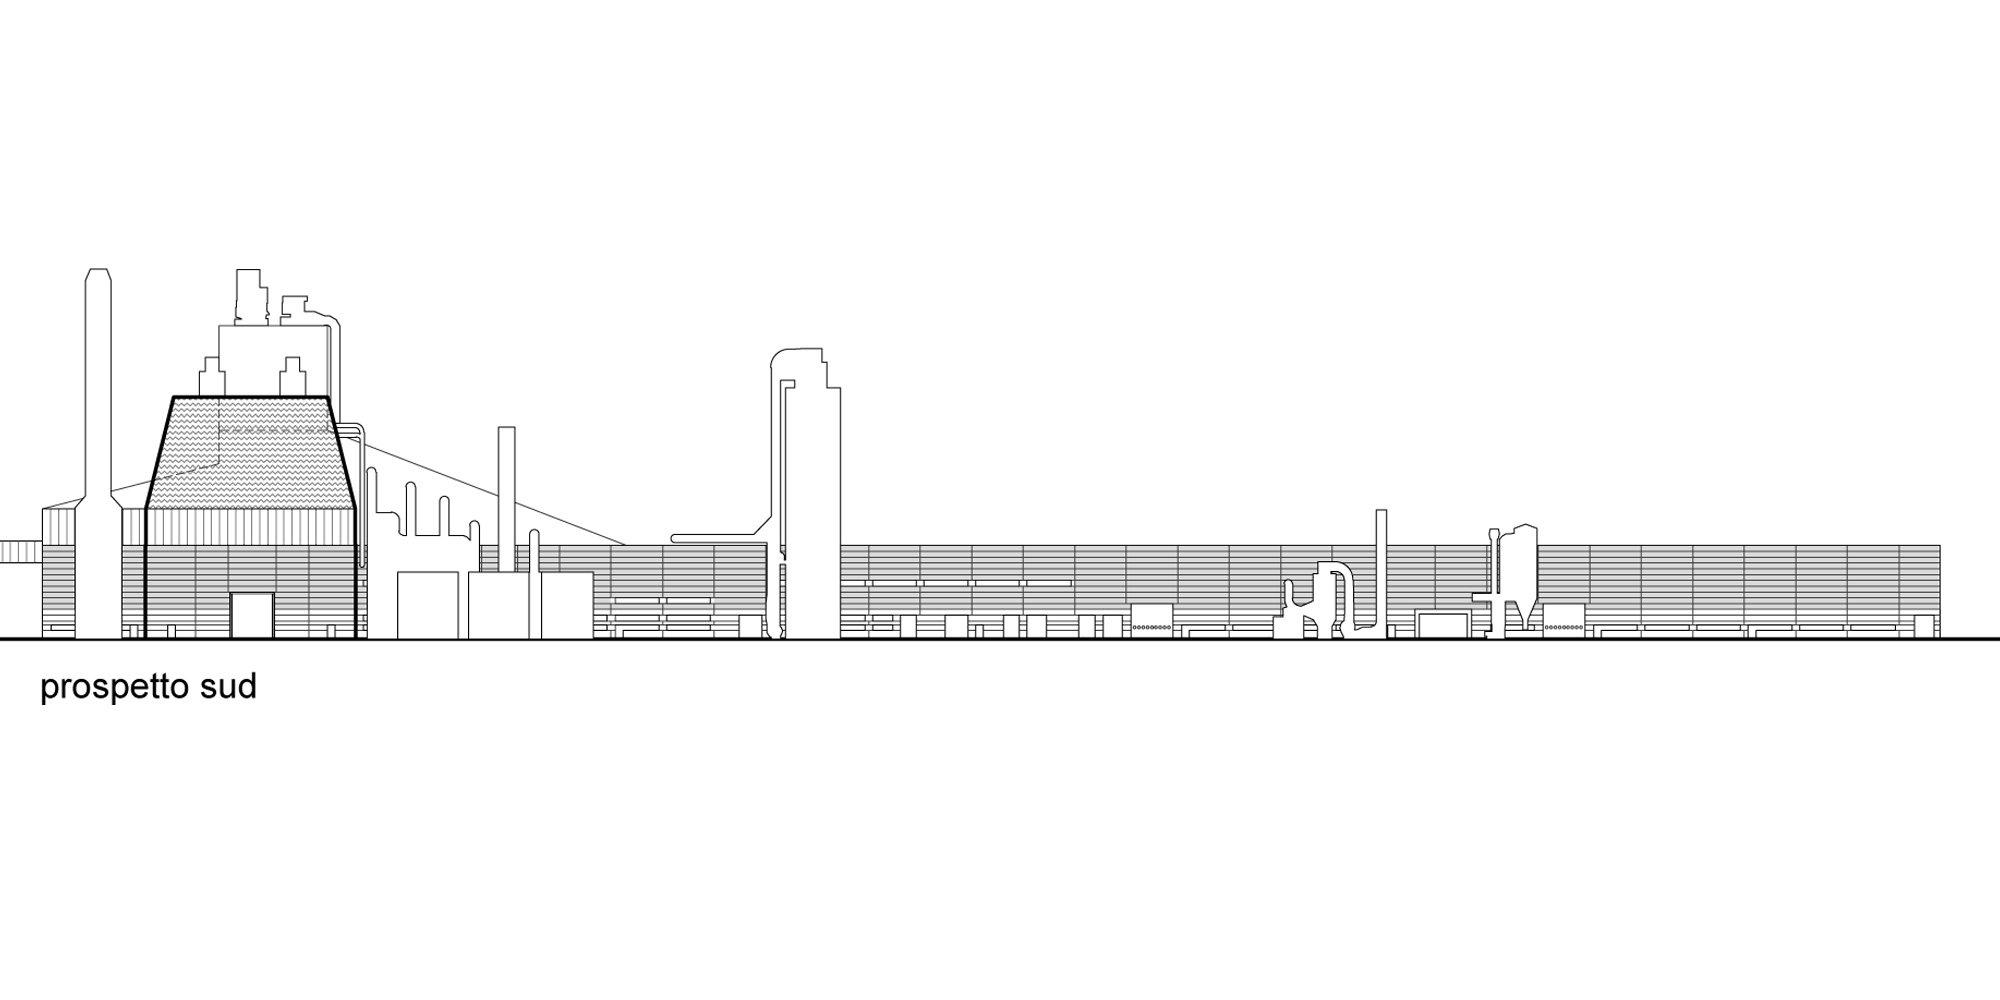 Prospetto sud © Valle Architetti Associati